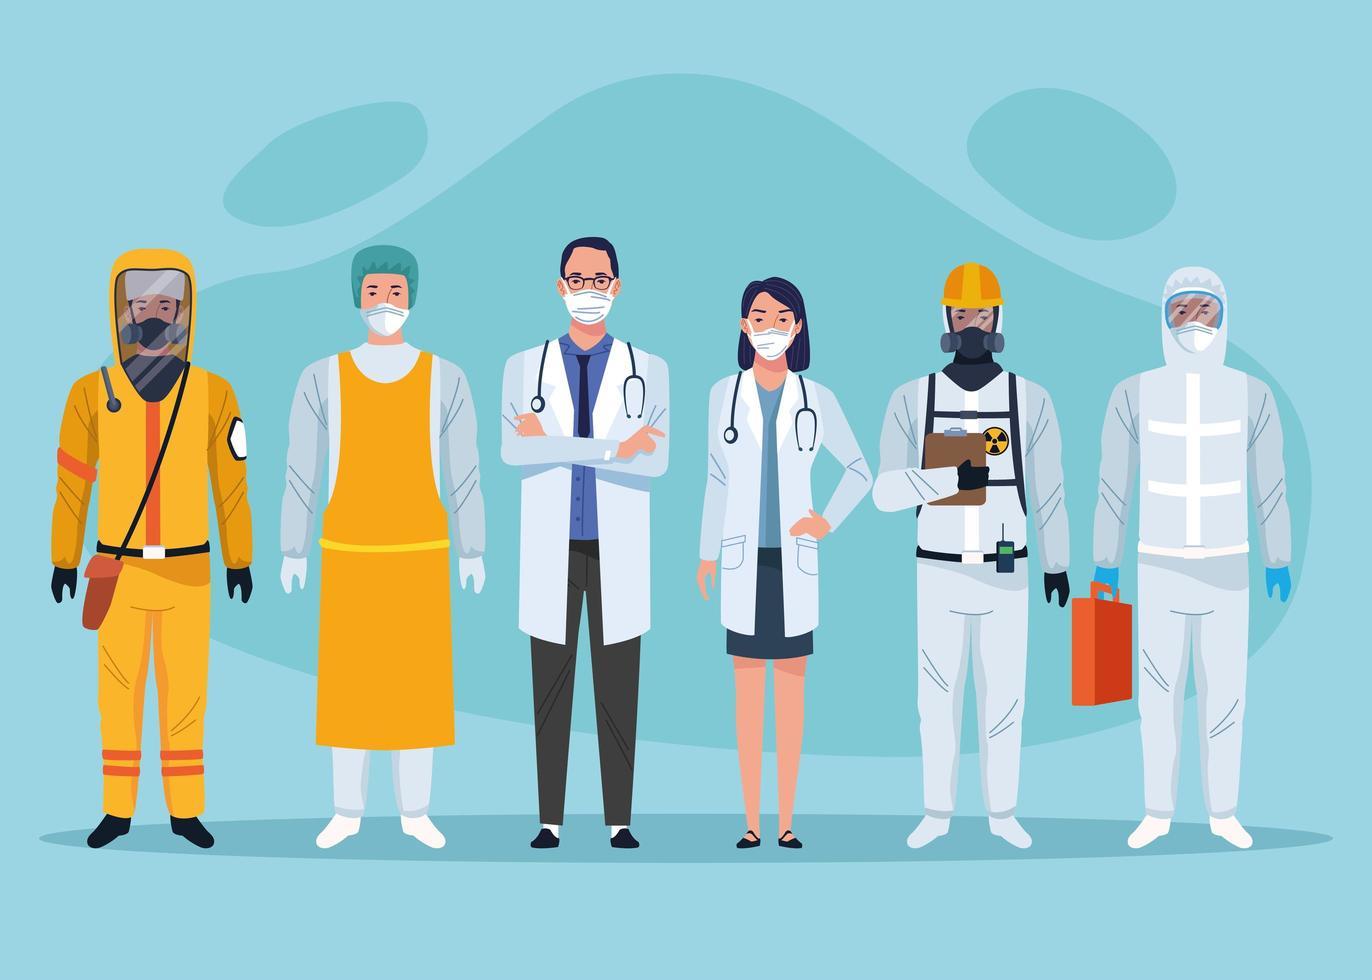 groep karakters van medisch personeel gezondheidswerkers vector